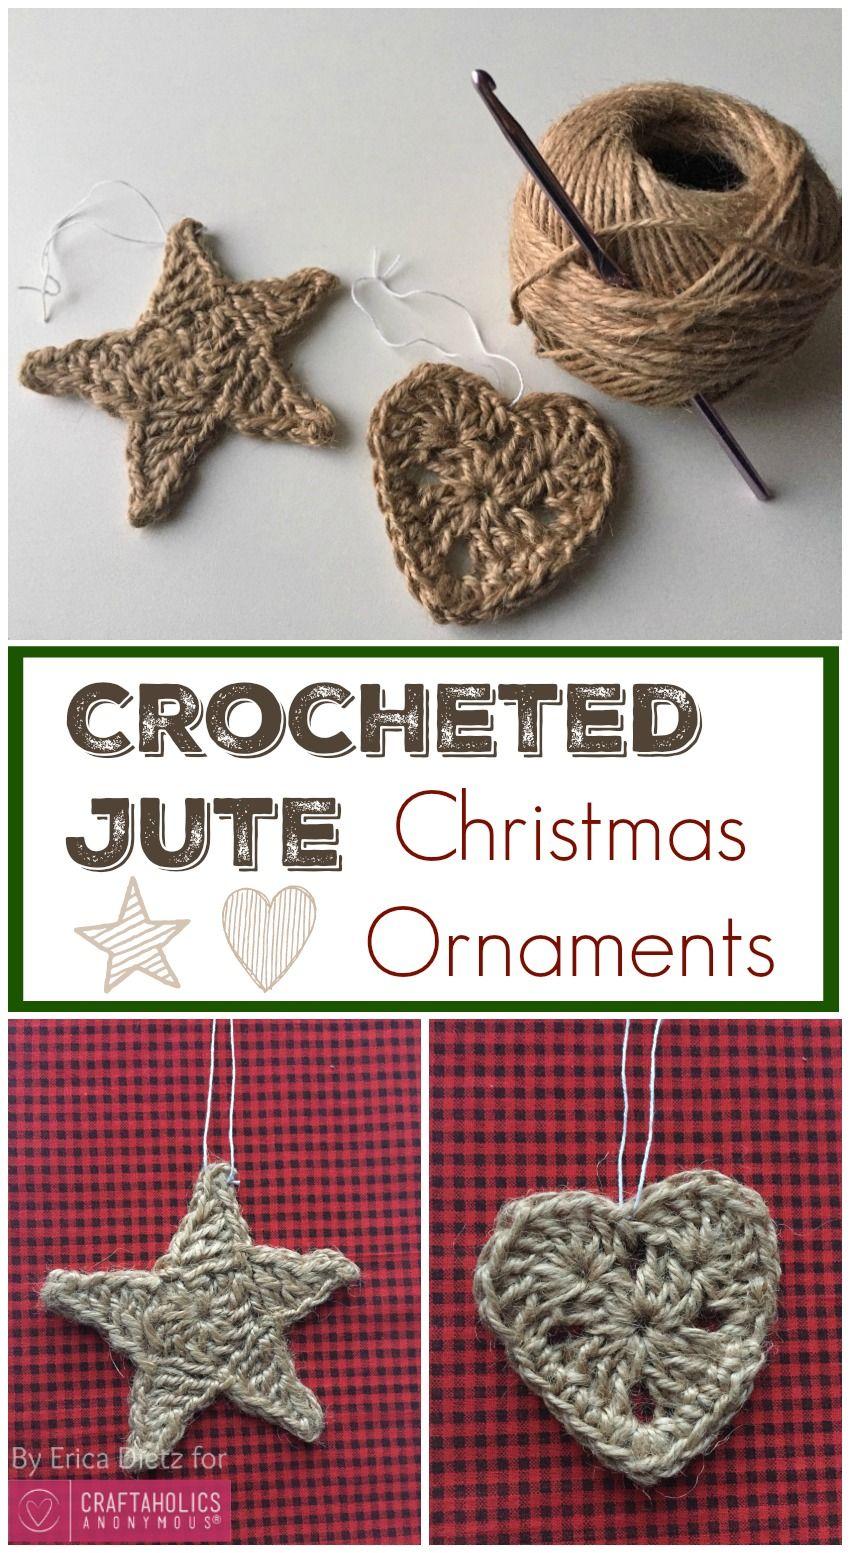 Crocheted Jute Christmas Ornaments | Navidad, Ganchillo y Adornos